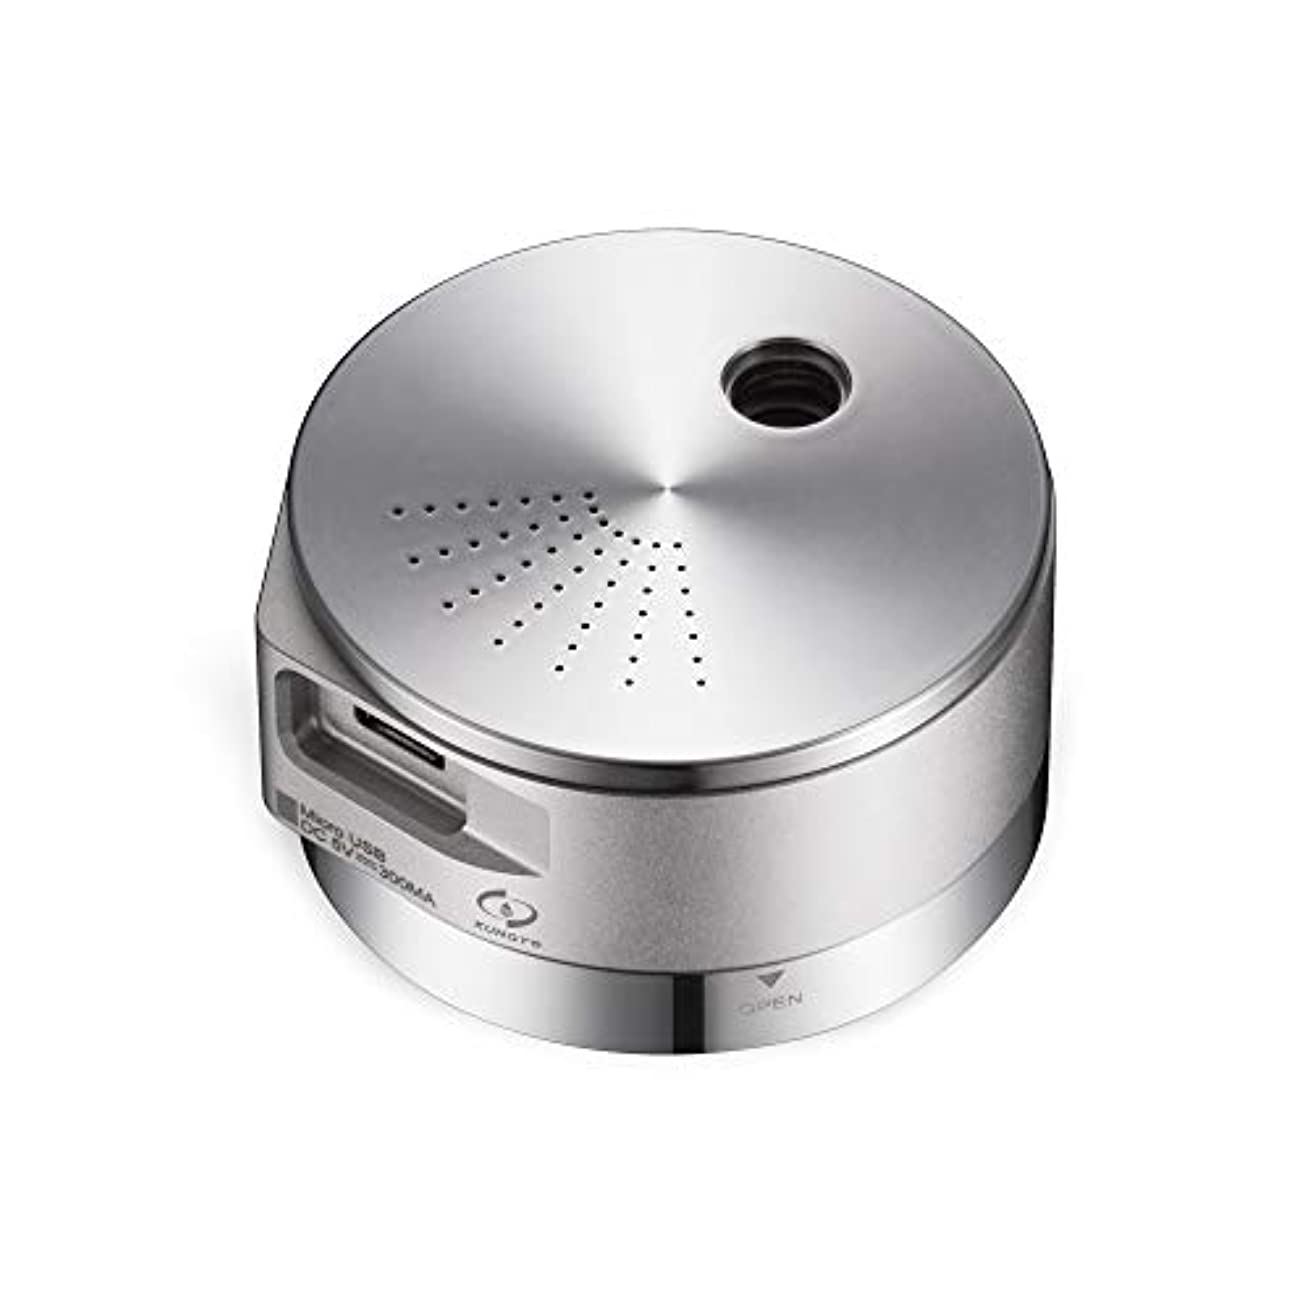 音楽を聴く有力者散るミニ加湿器 - ポータブルエッセンシャルオイルディフューザー、USBチャージ、自動シャットオフアロマディフューザー(アルミ、25ml) 141[並行輸入]